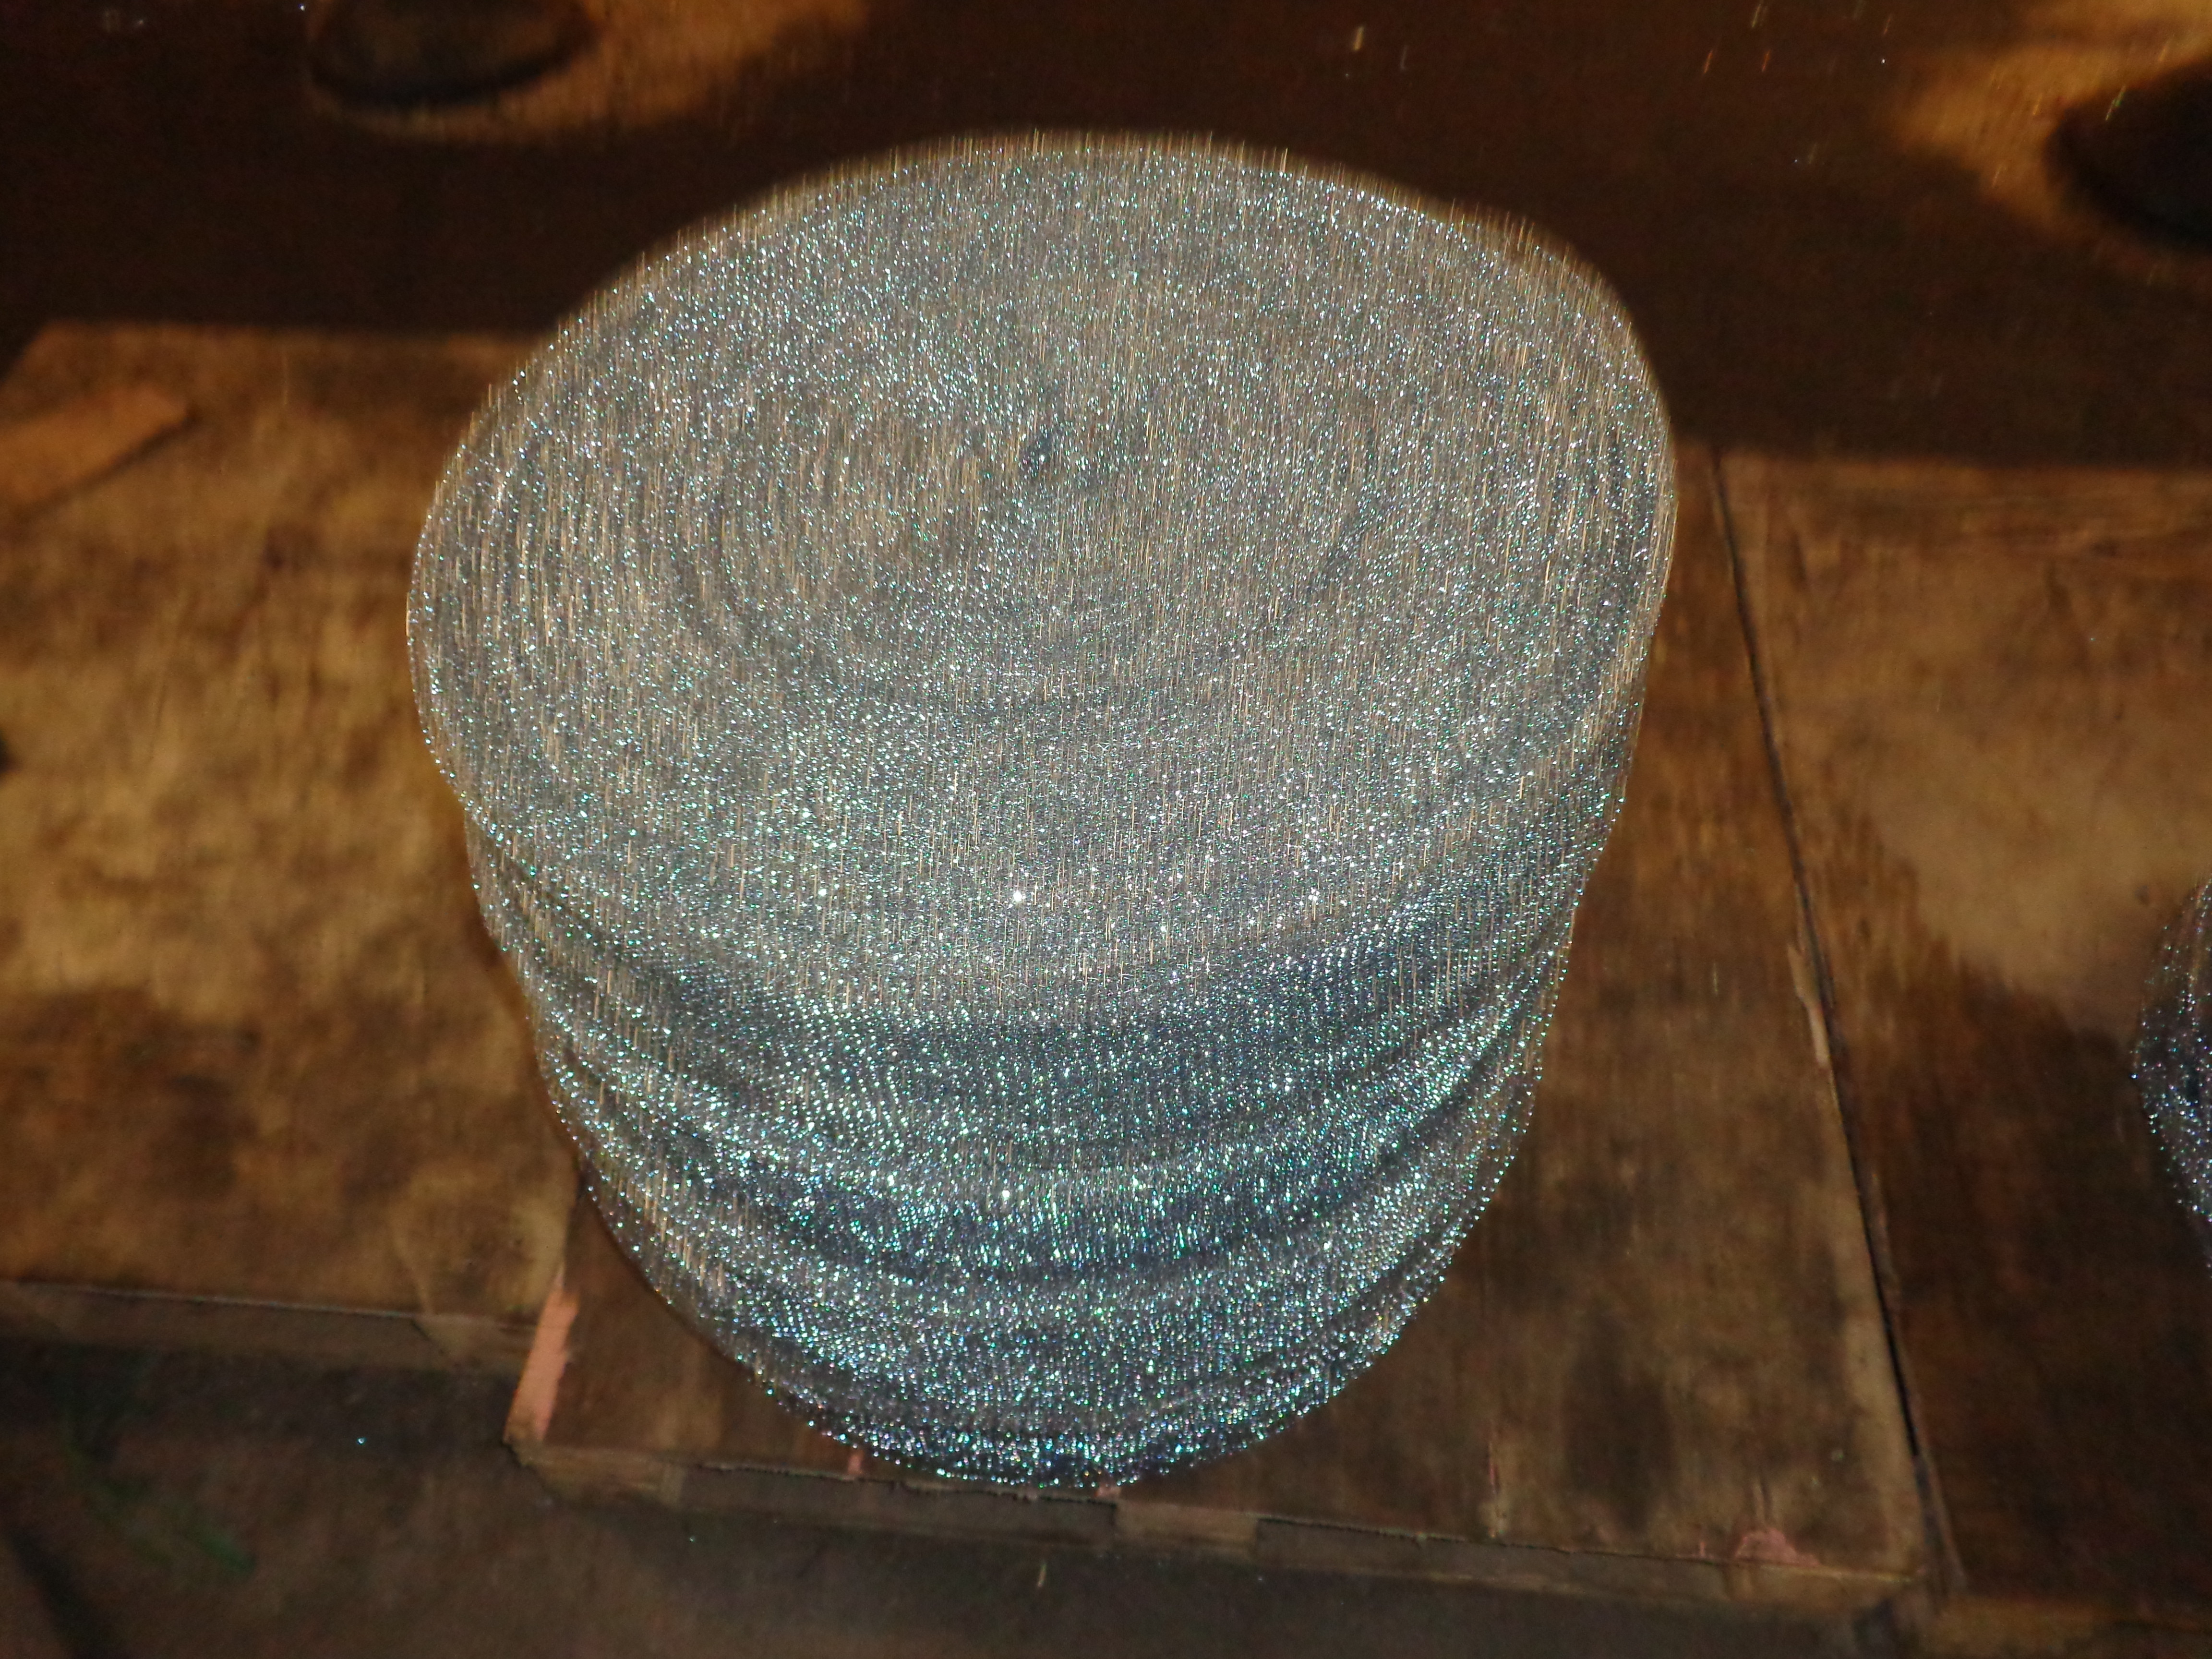 镀锌铁丝 清洁球专用镀锌铁丝 镀锌网套 镀锌铁丝 镀锌铁丝0.20mm    镀锌丝网